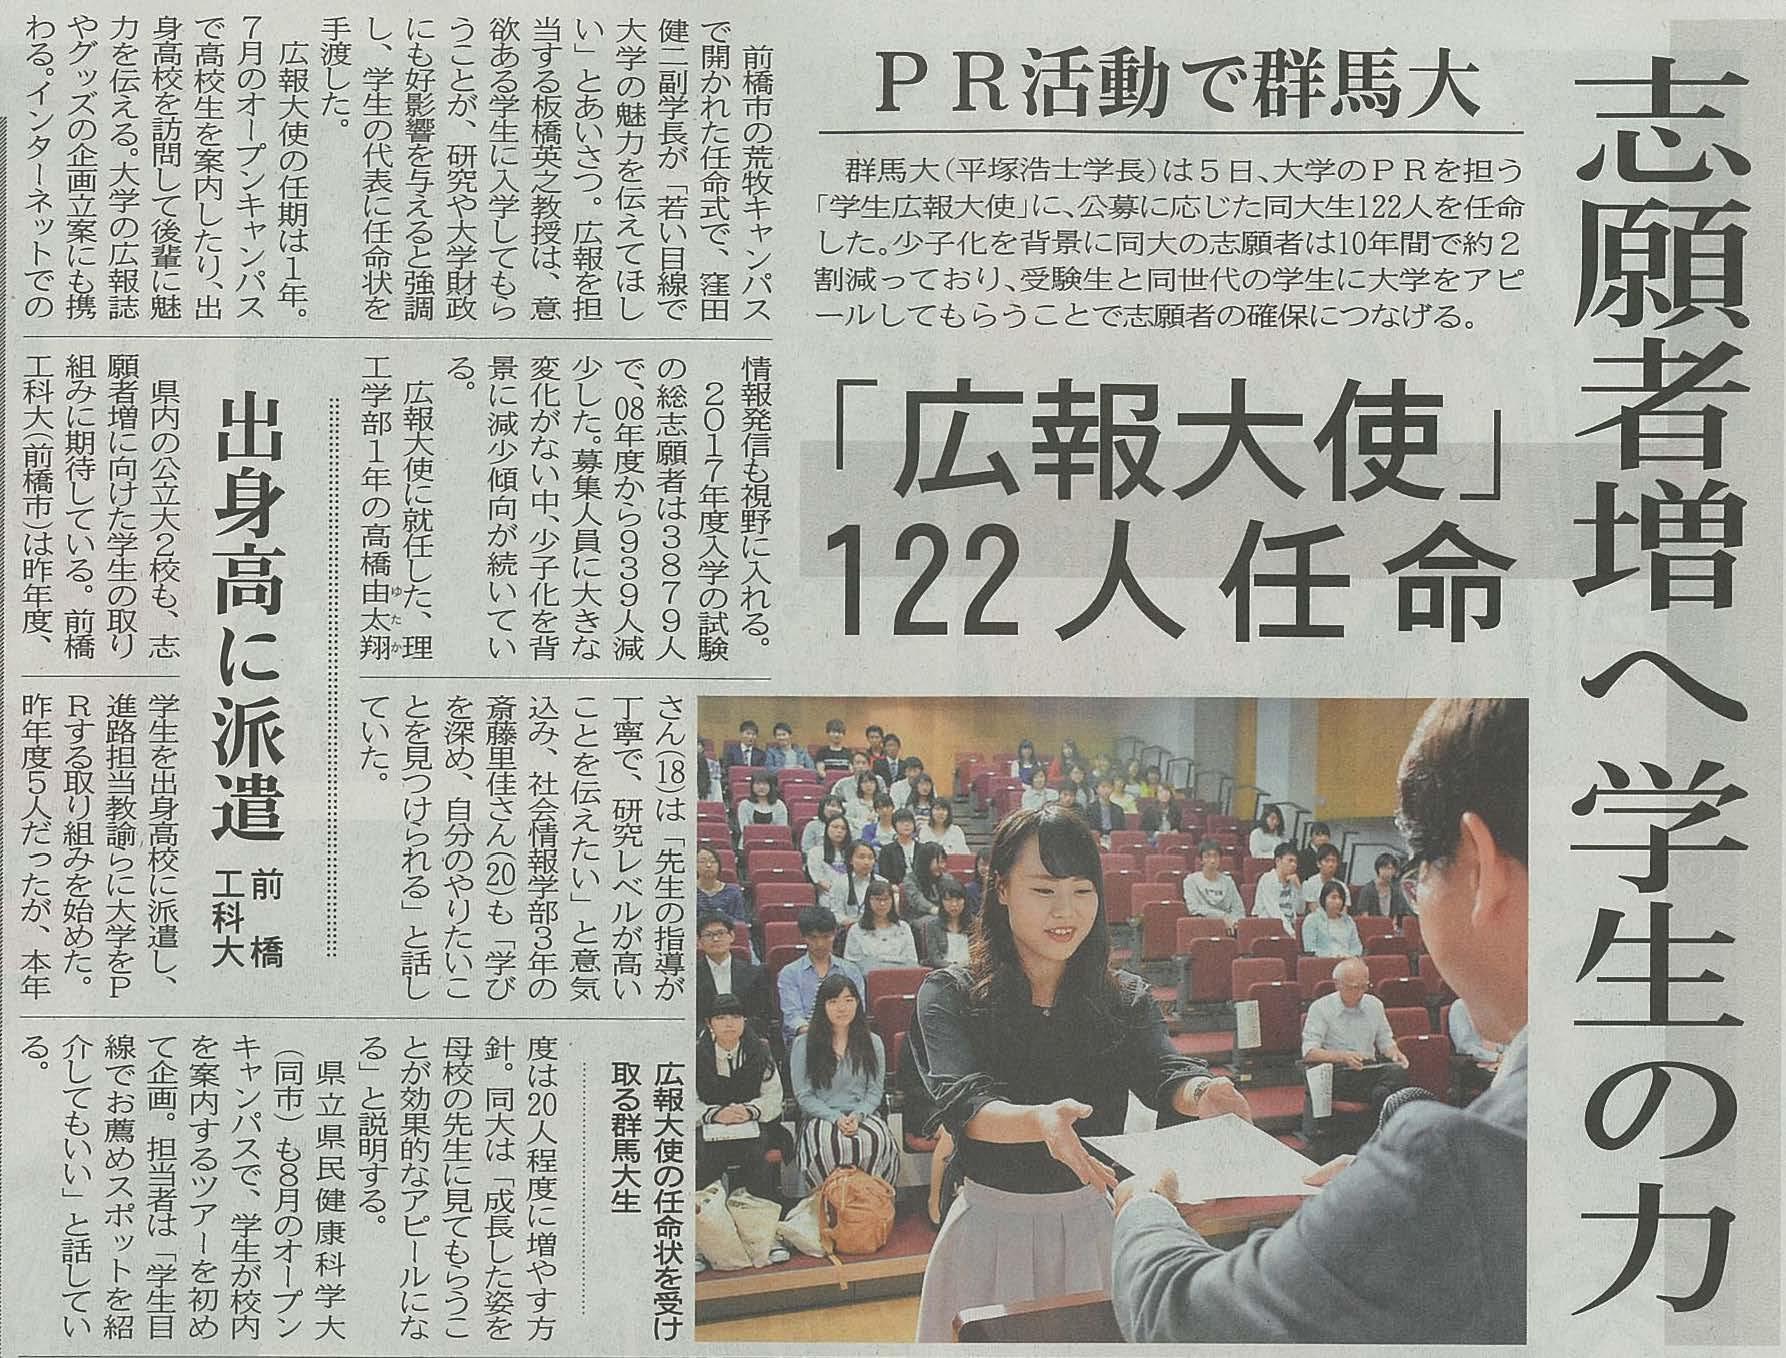 上毛新聞 6月6日(火)23面